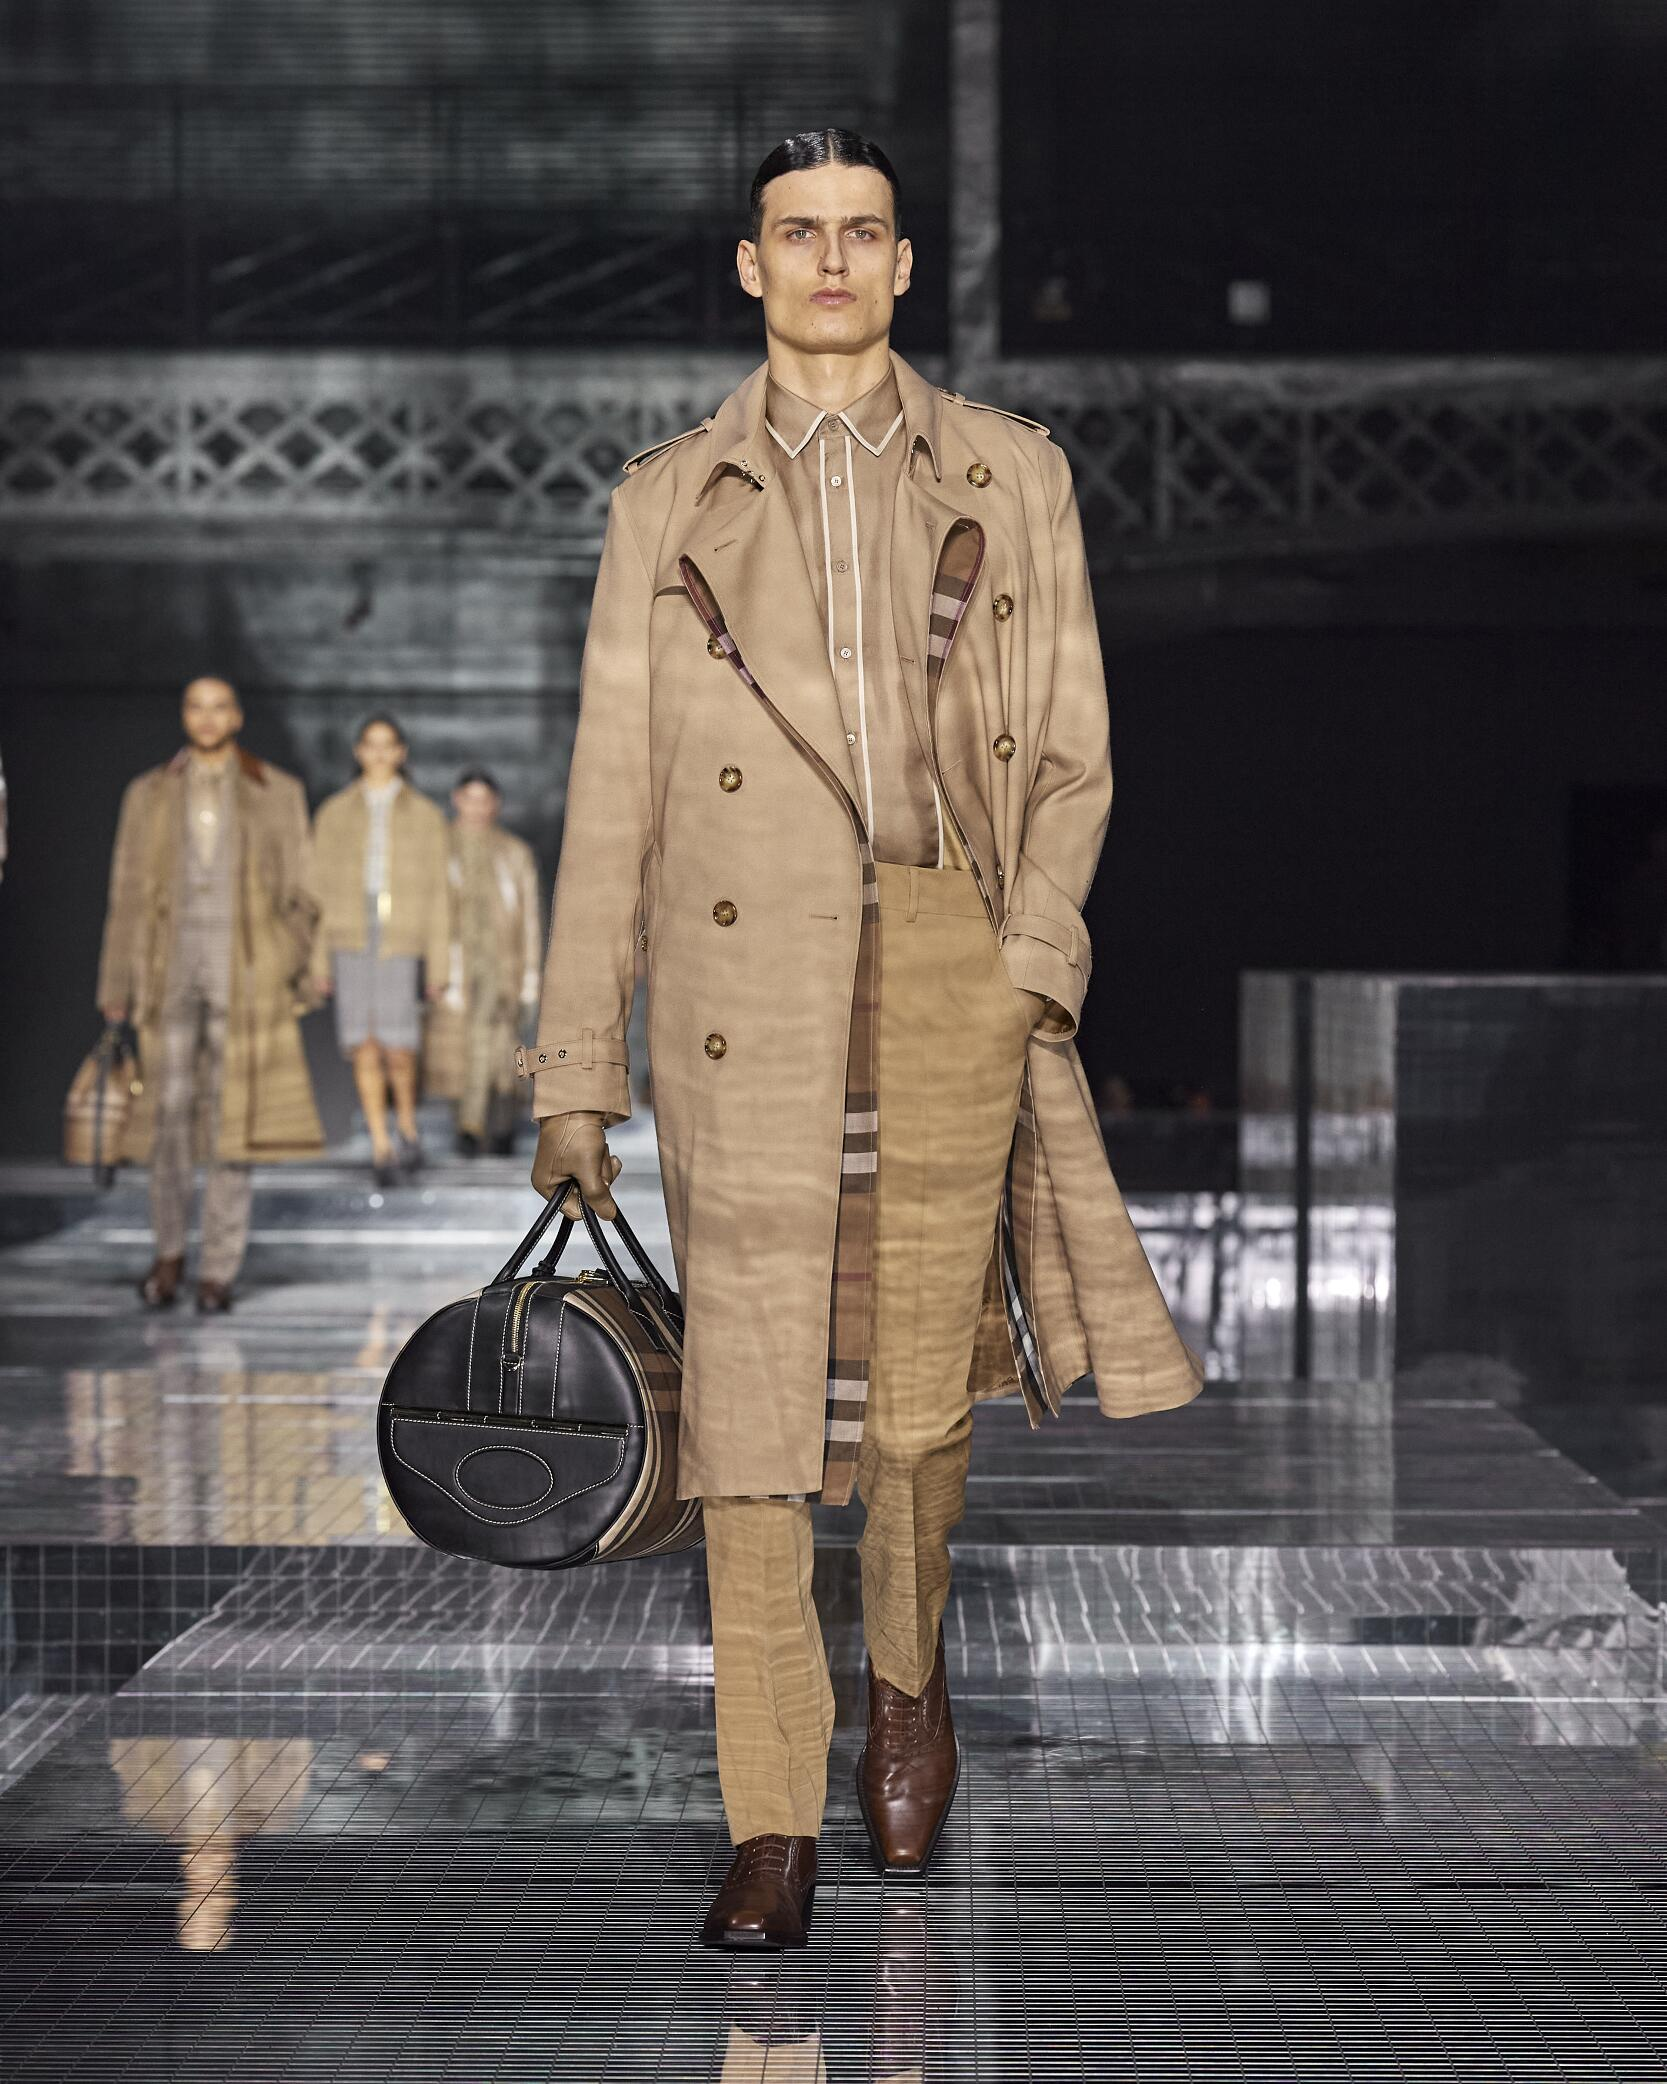 Menswear Model Burberry Catwalk